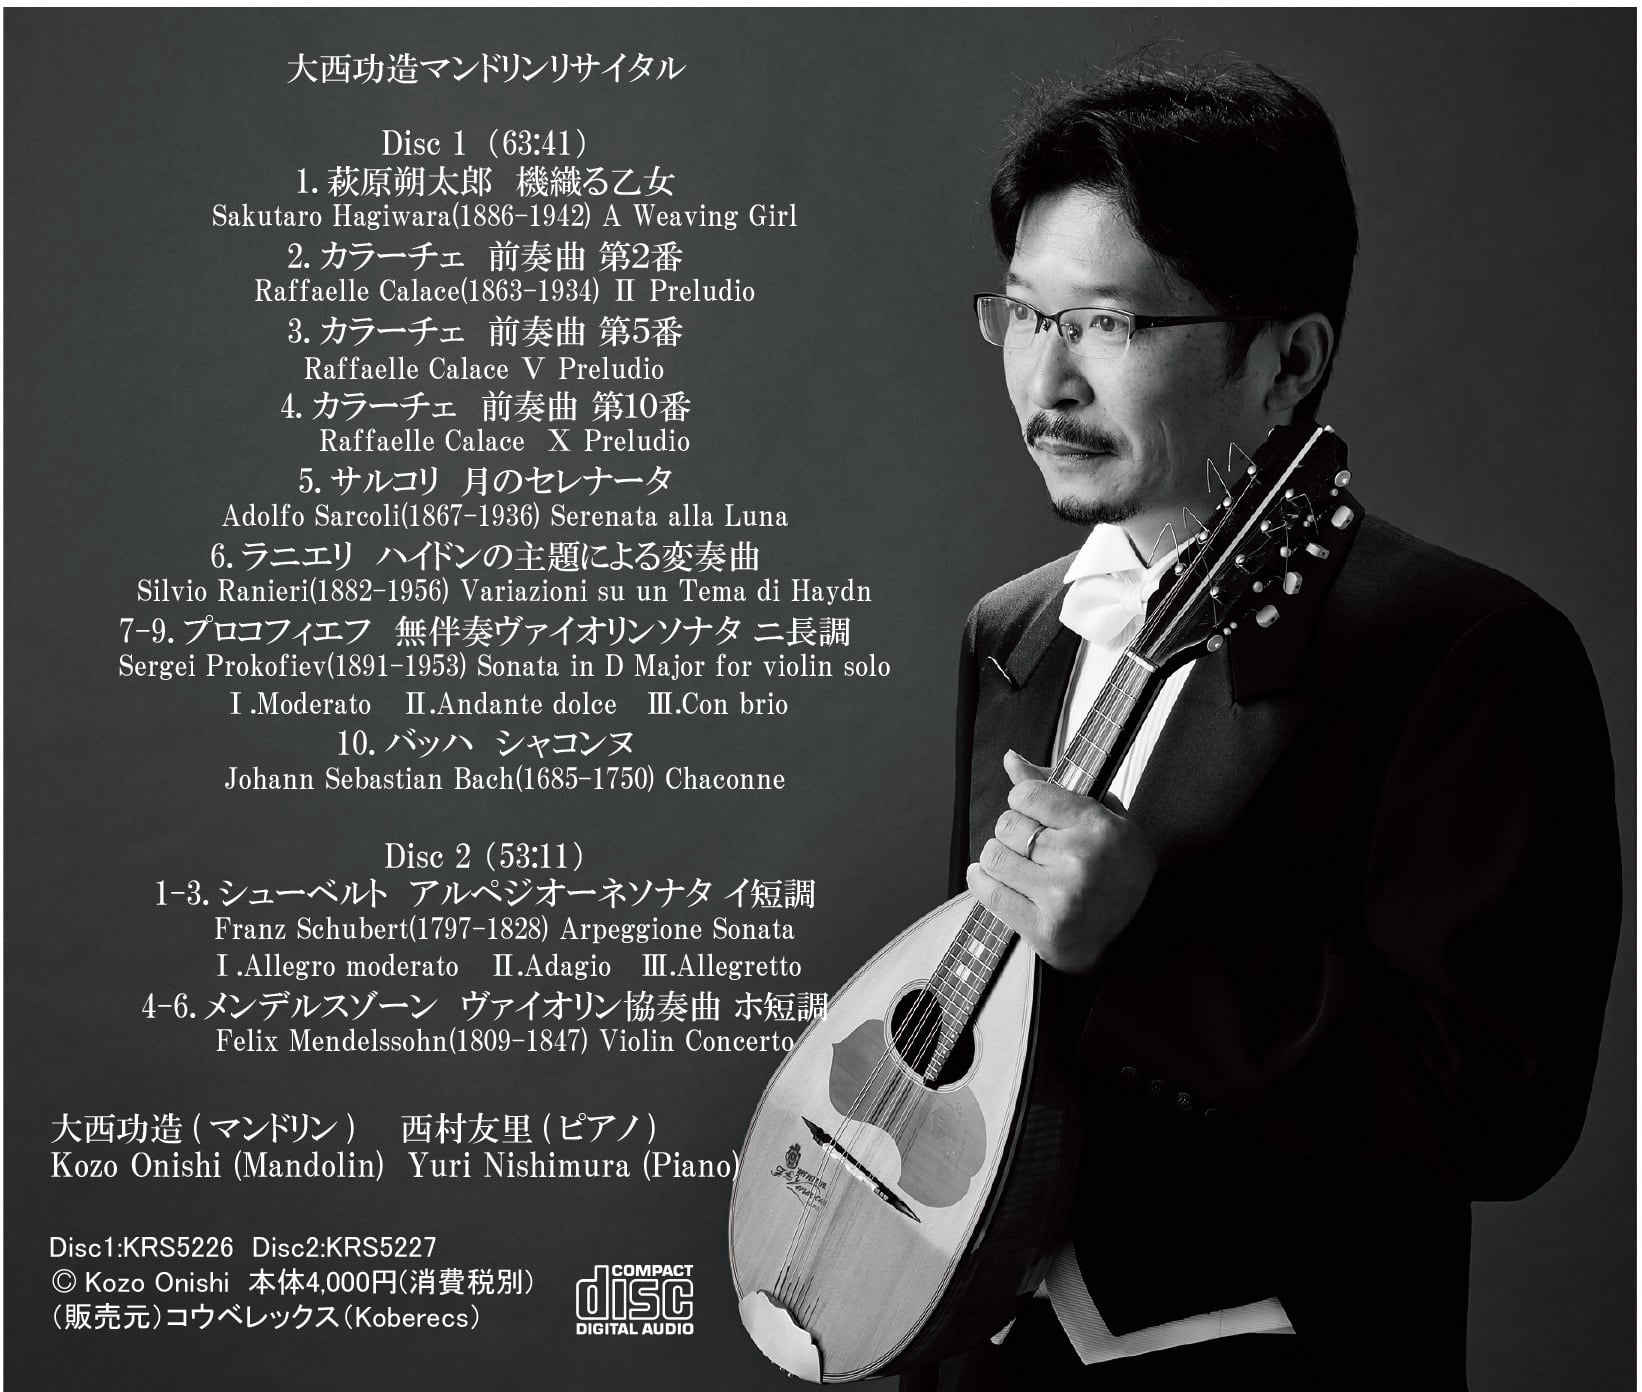 「大西功造 マンドリンリサイタル」   演奏:大西功造(マンドリン)、